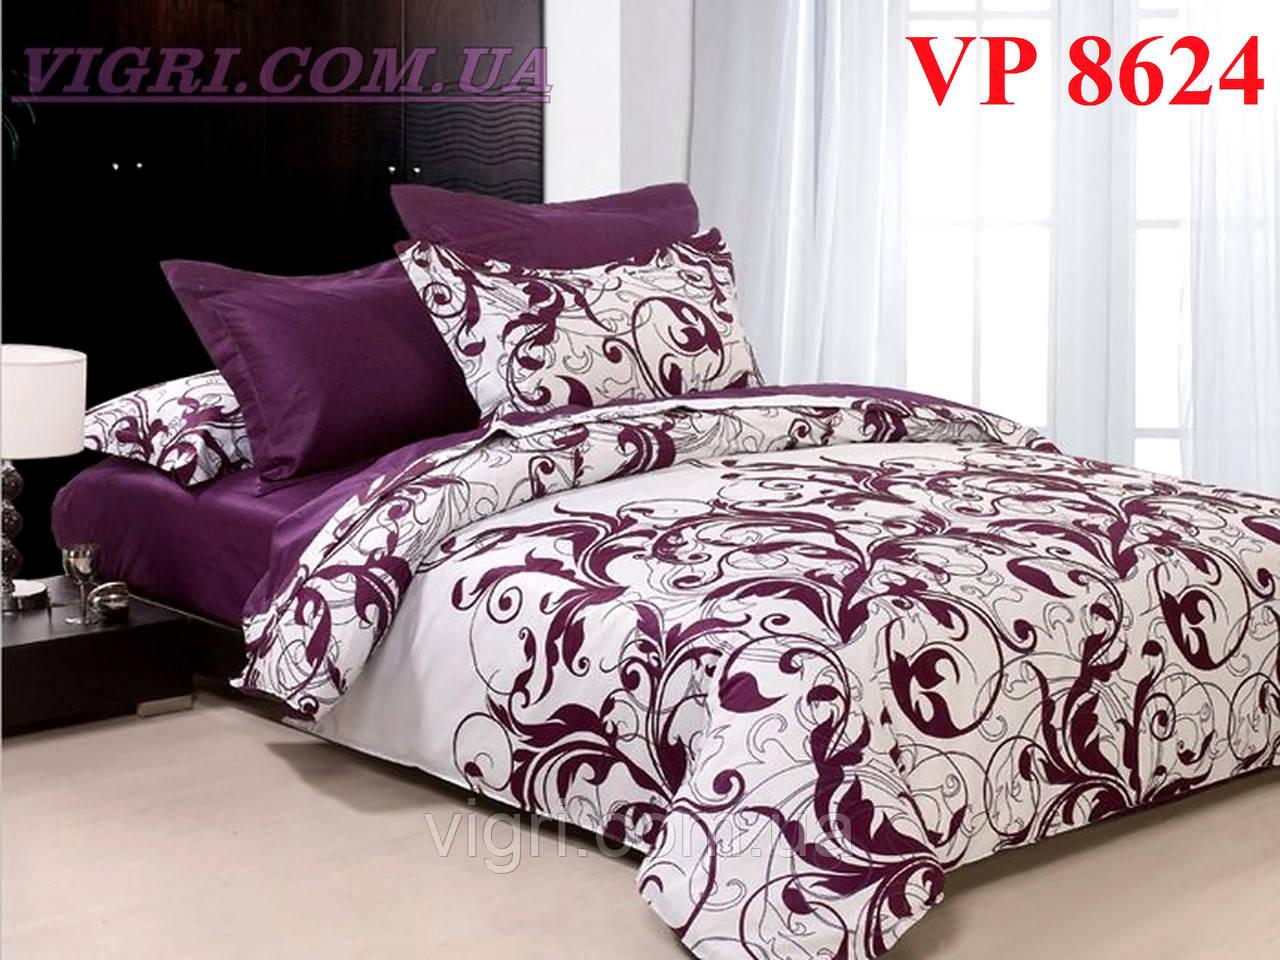 Постельное белье, двухспальное, ранфорс, Вилюта (VILUTA) VР 8624